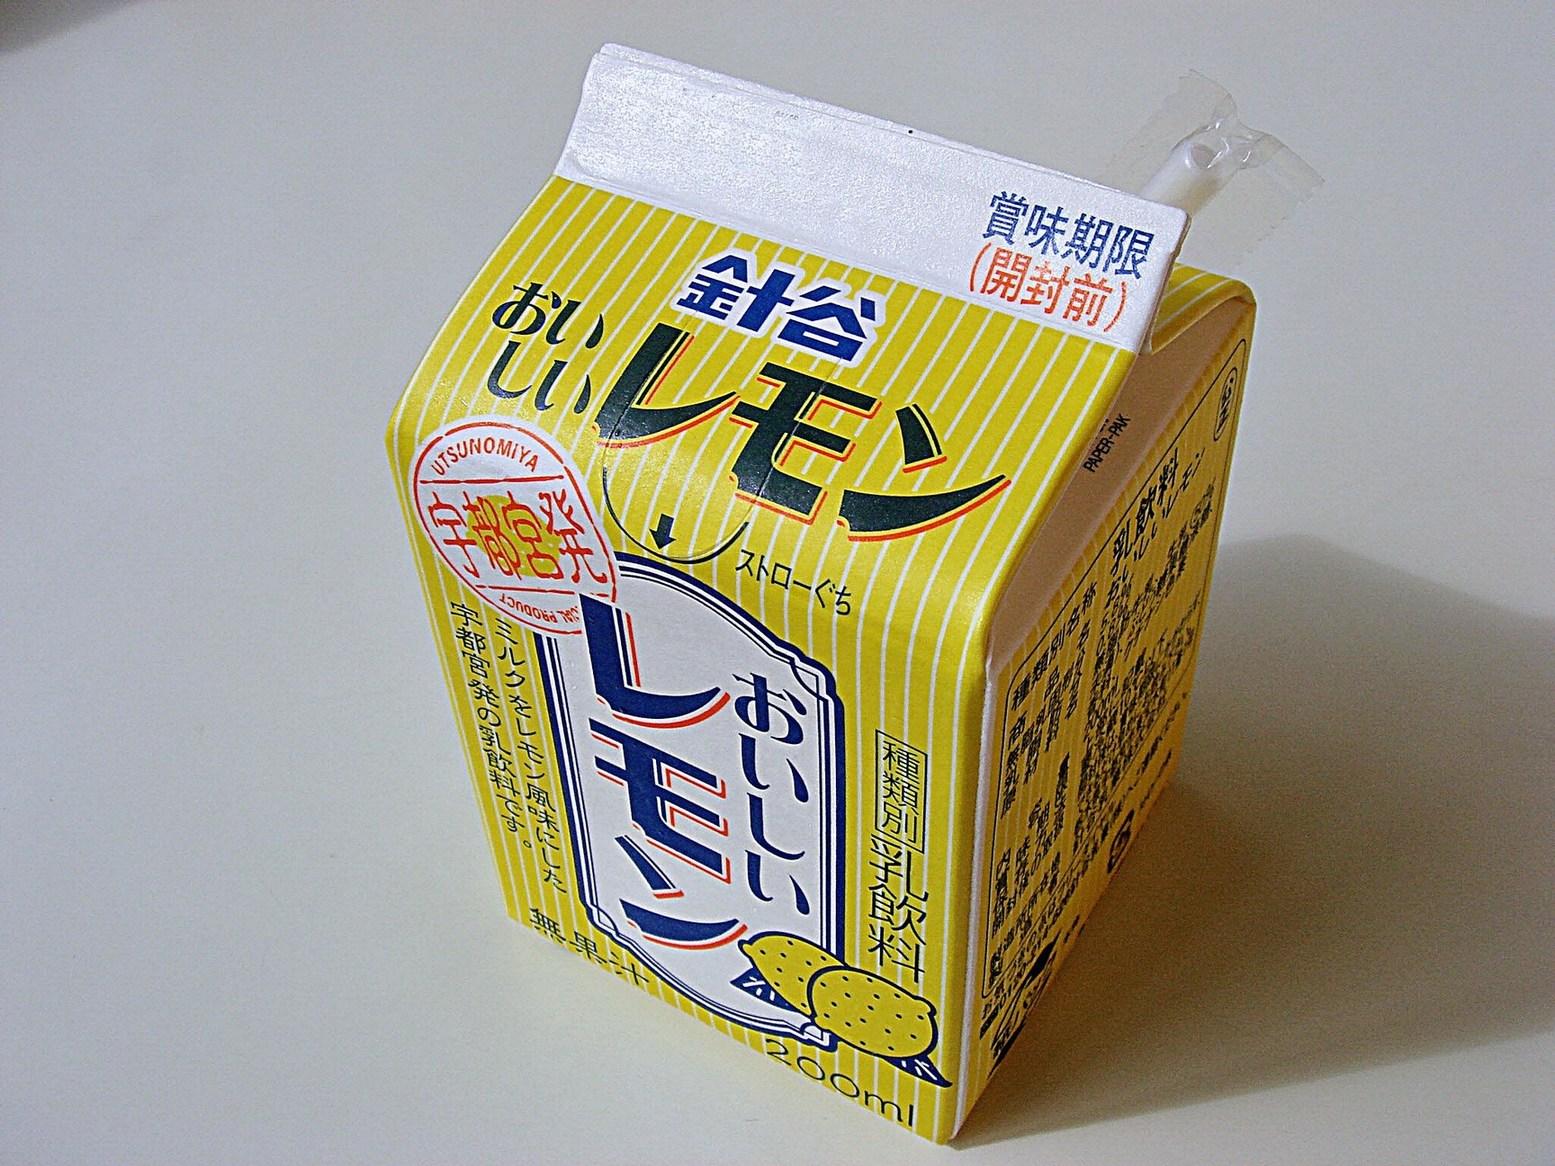 マロニエ name=